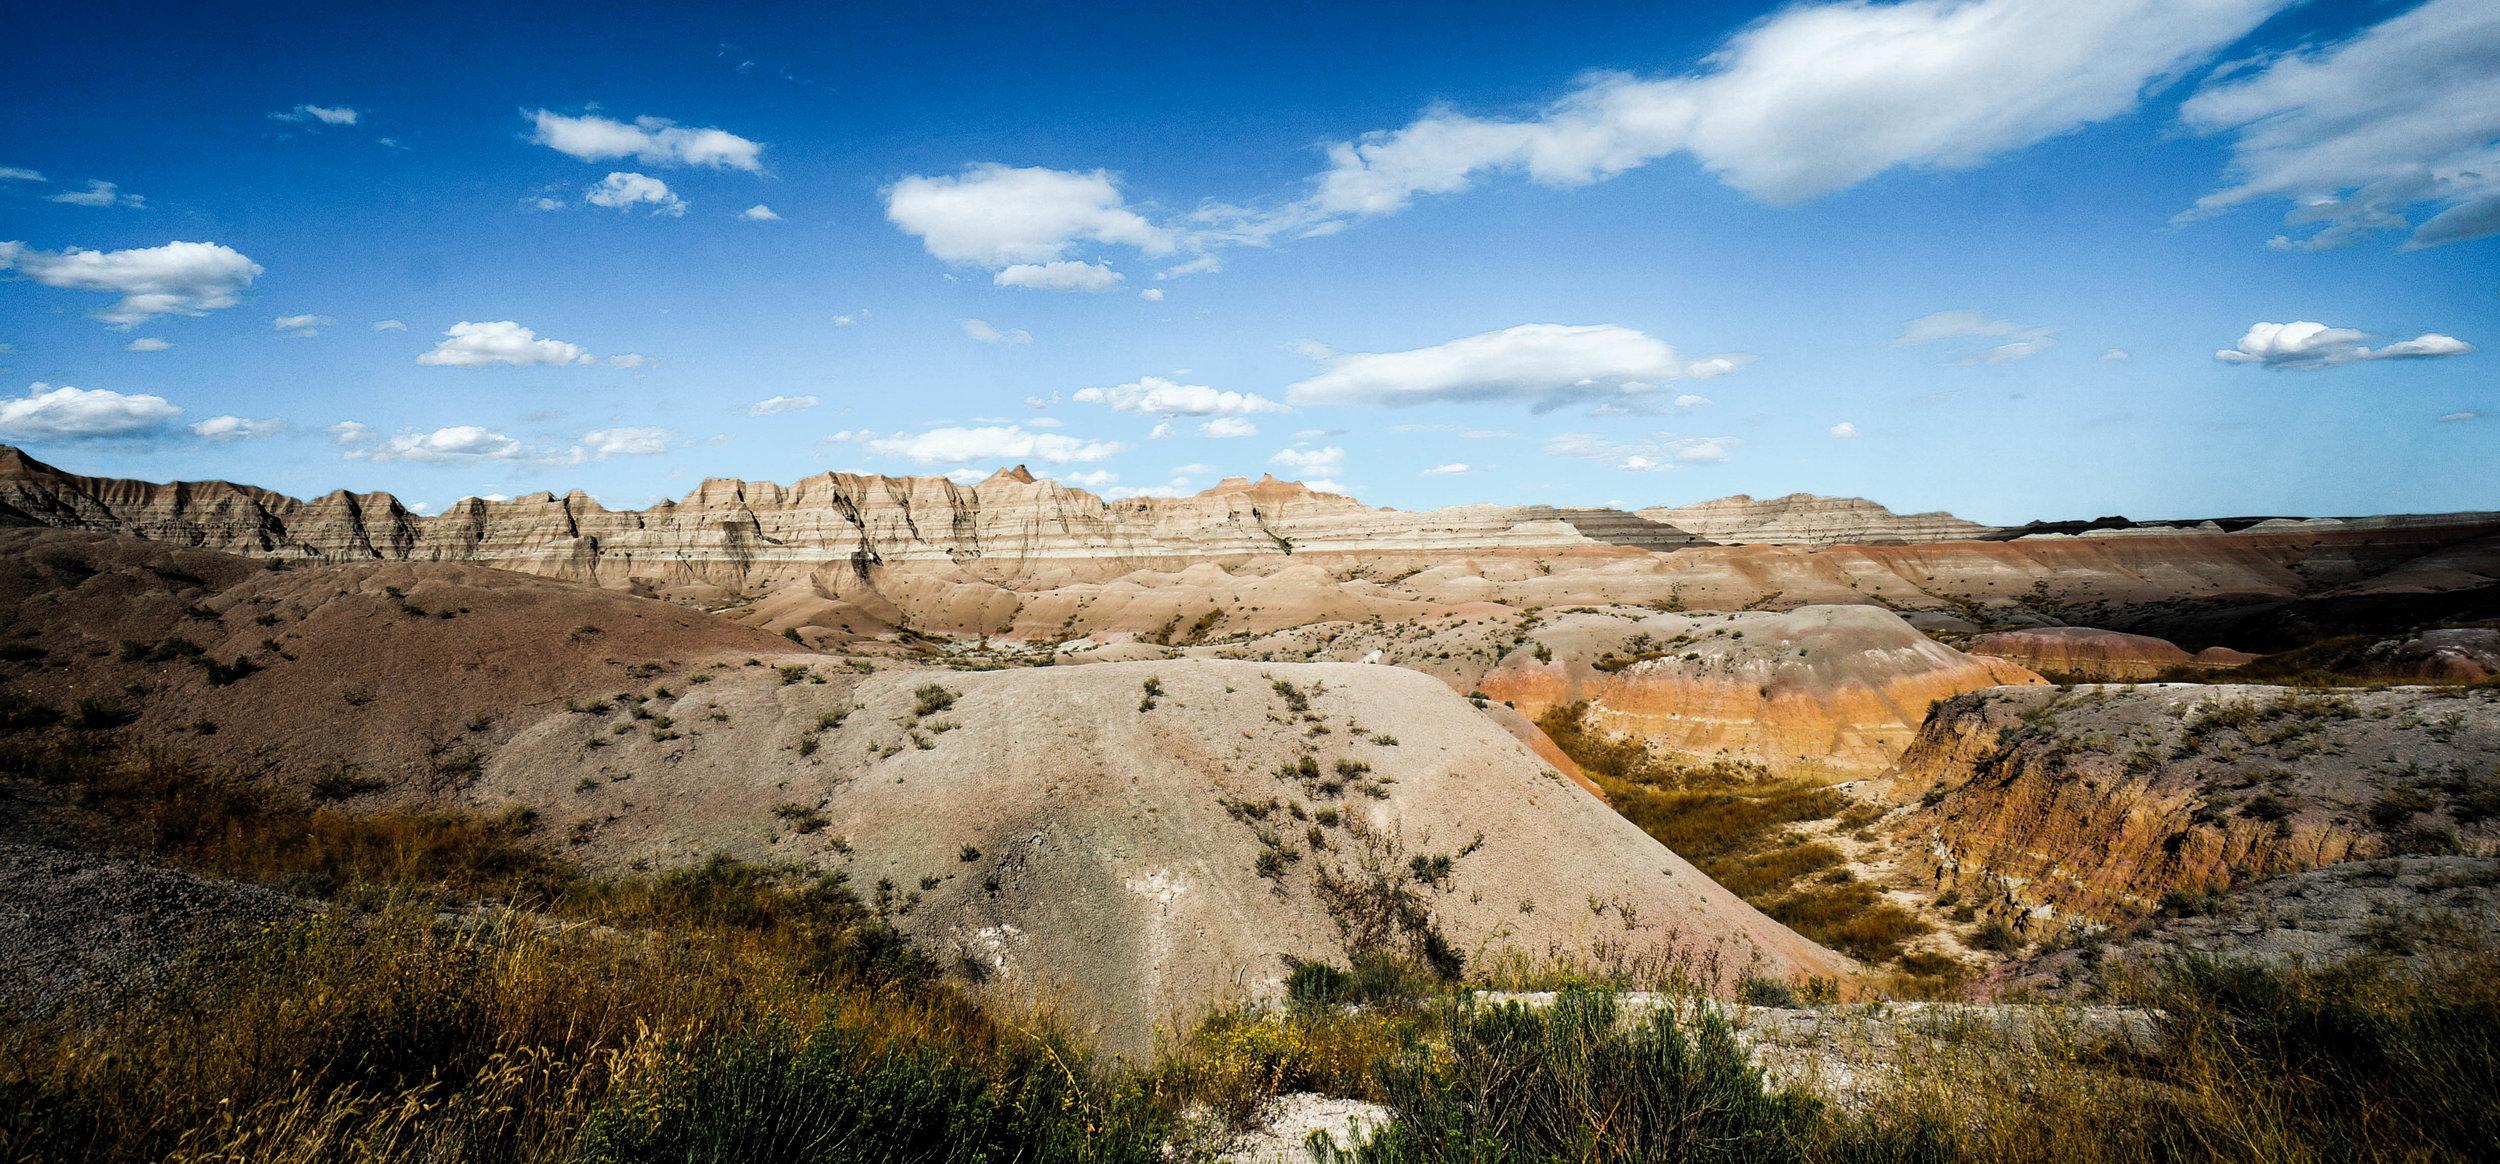 Hiking elopement in badlands national park